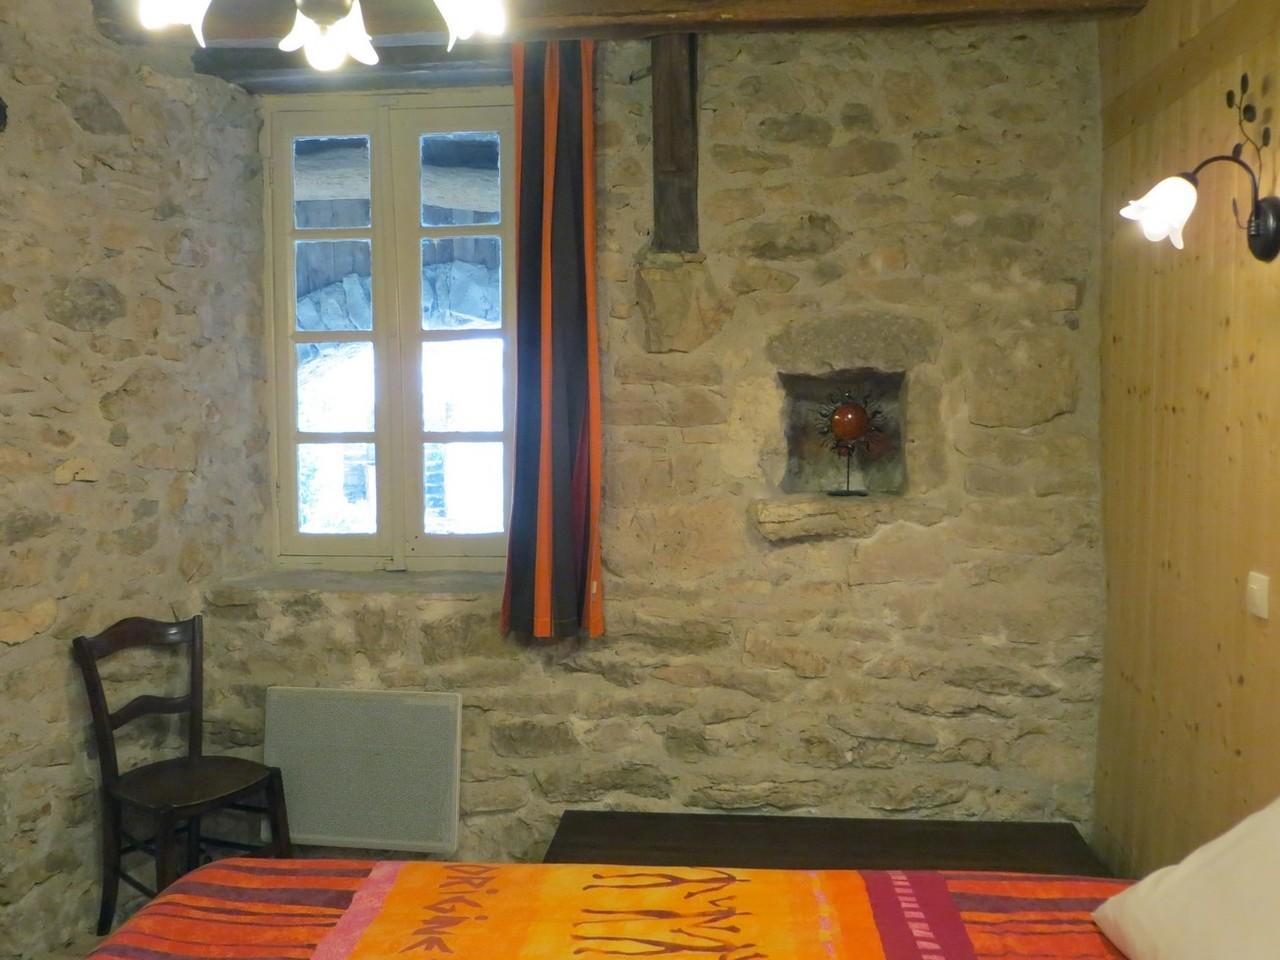 chambre 1 - 2 murs en pierres apparentes